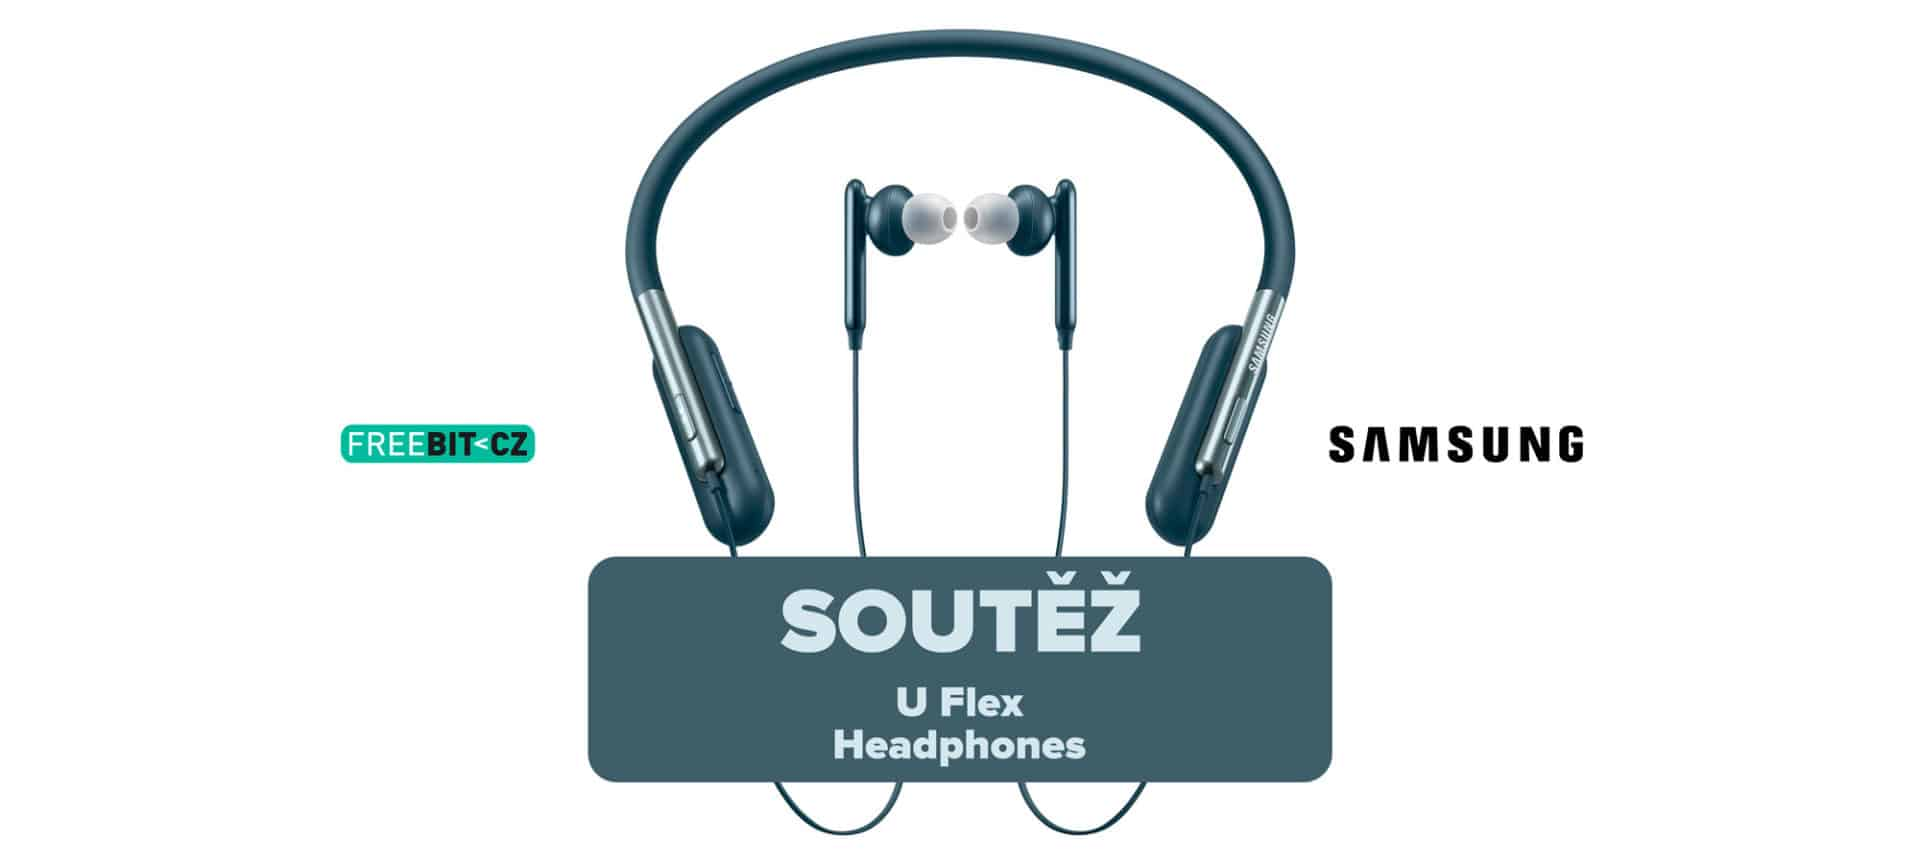 Soutěž: Pojď si s ledovým klidem zahrát o sluchátka Samsung U Flex